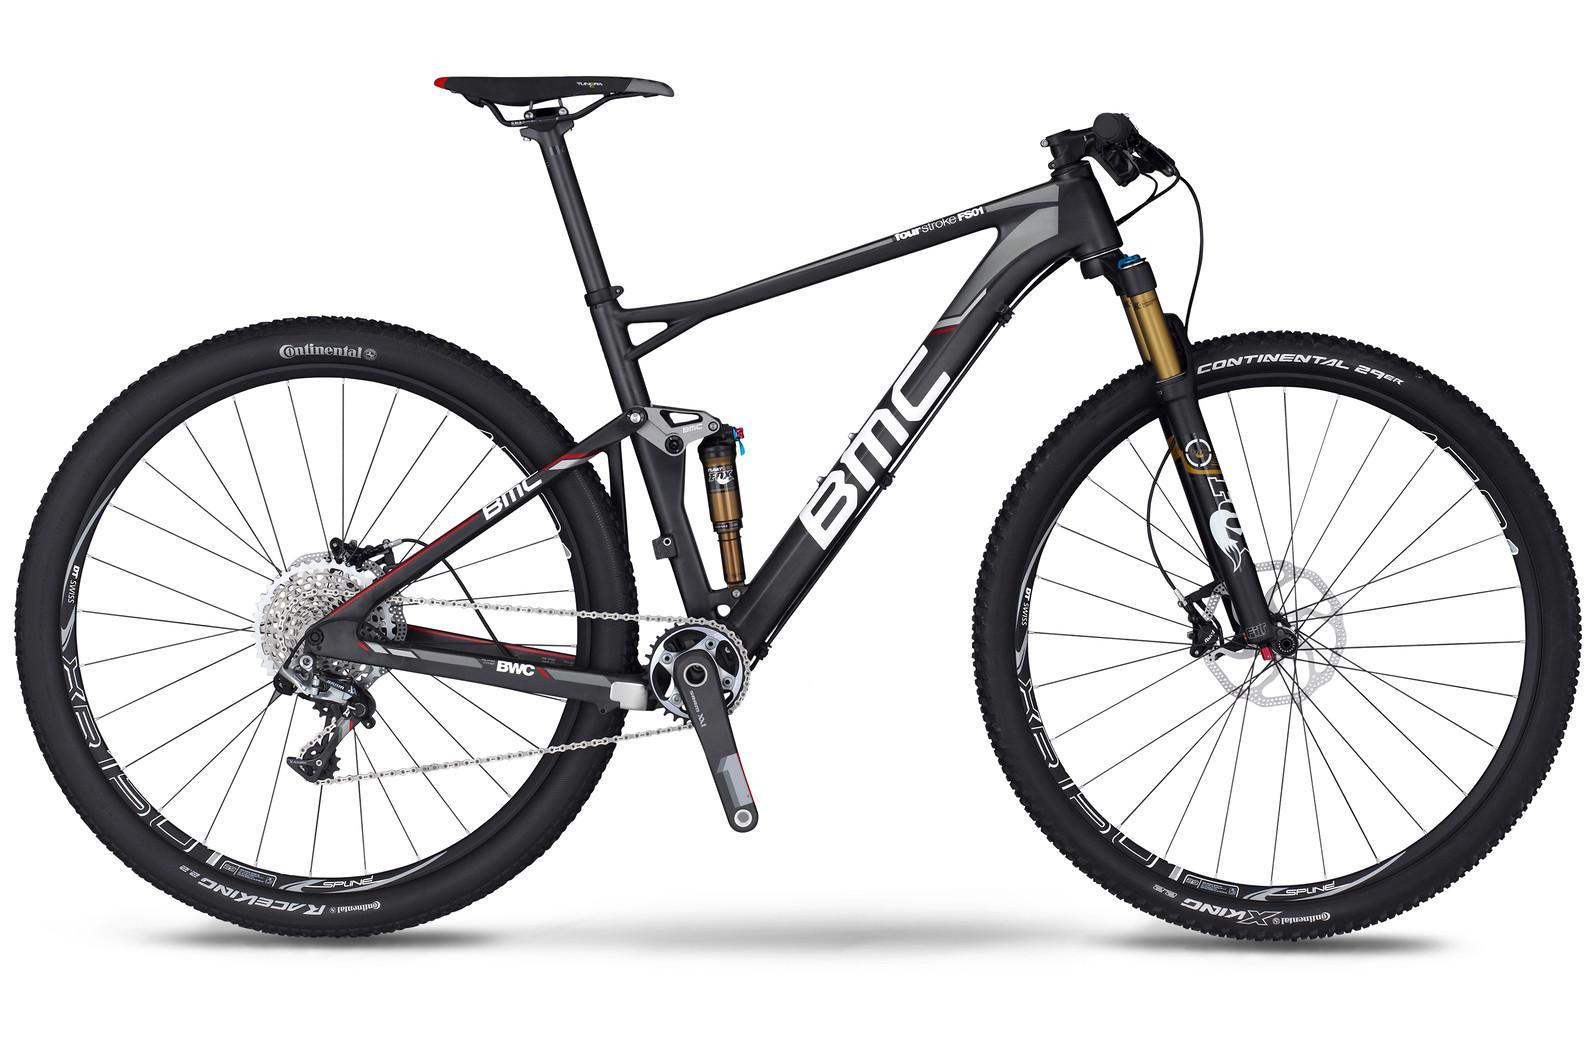 bike - 2014 BMC Fourstroke FS01 29 with XX1